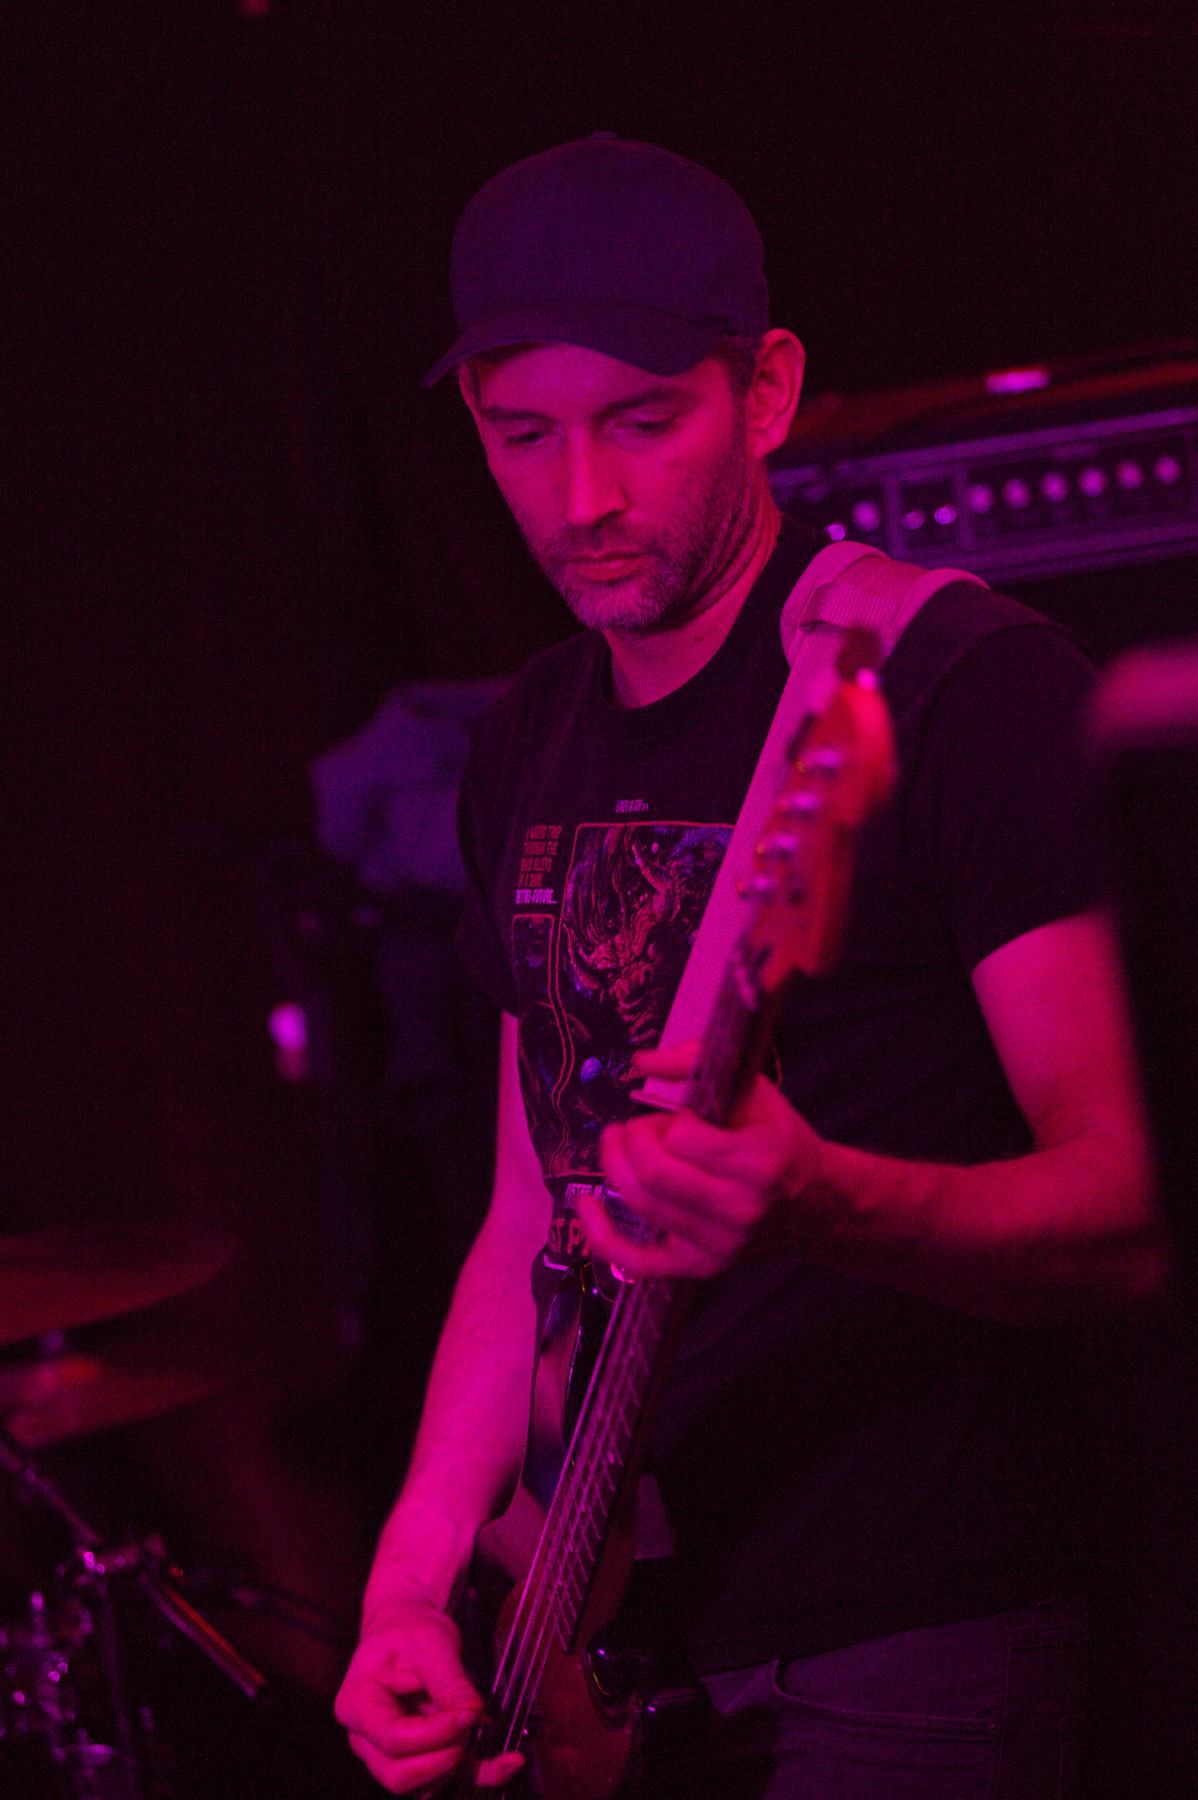 Kalle - Bass